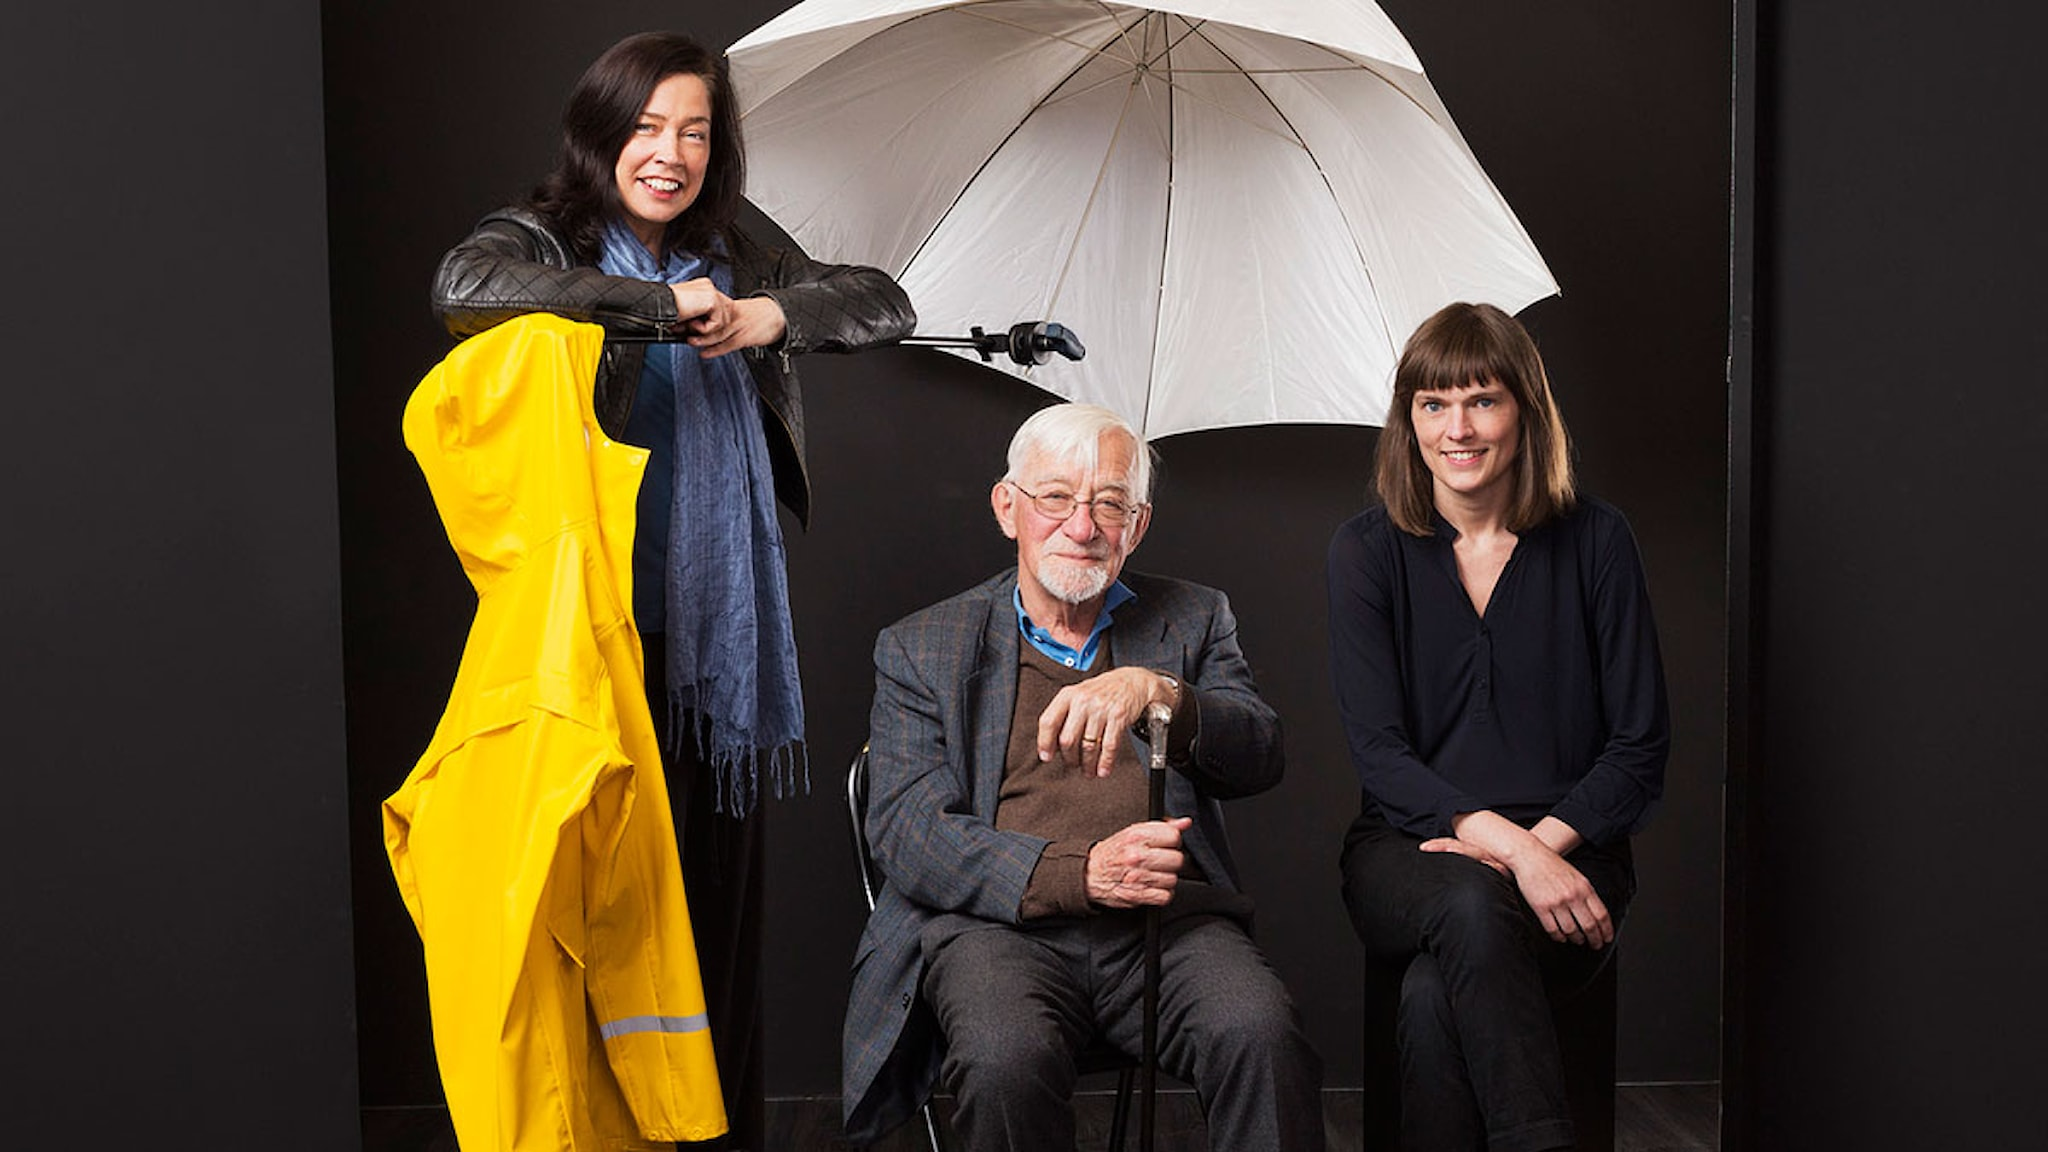 Bokcirkeln: Marie Lundström, Lars Gustafsson och Frida Nilsson. Foto: Mattias Ahlm/Sveriges Radio.